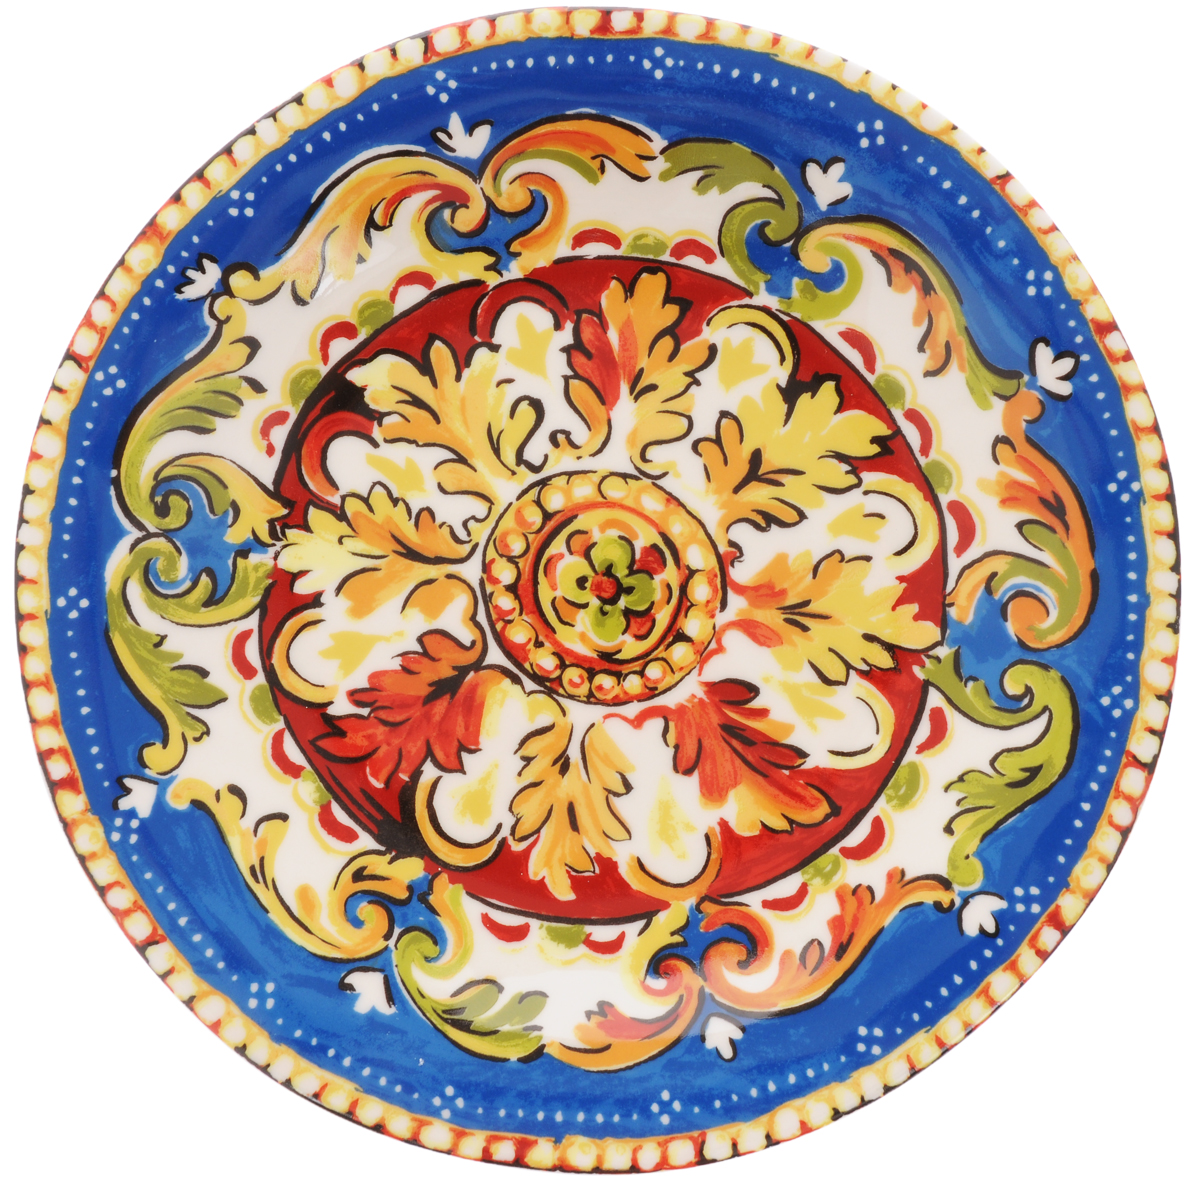 Тарелка обеденная Utana Оберон, диаметр 27 см54 009312Обеденная тарелка Utana Оберон изготовлена из высококачественной керамики. Многоступенчатый высокотемпературный обжиг, двухстороннее глазурование и использование подглазурных деколей обеспечивает прочность черепка керамической посуды, превращая его практически в камень, при этом защищая поверхность от царапин, а рисунок от истирания. Теплые краски глазури, плавные линии росписи, удобство, долговечность и безопасность, европейское качество и многовековая самобытность национального и культурного наследия индонезийских мастеров - вот то, что является отличительными признаками керамической посуды Utana. Любая коллекция этого производителя создает праздничное настроение и уют в каждом доме. Посуда из керамики, имеющая знак 222 FIFHT, - особая линия посуды, очень популярная в Европе и США, каждый дизайн которой уникален и спустя годы будет так же великолепно свеж и привлекателен. Посуду можно использовать в СВЧ и мыть в посудомоечных машинах.